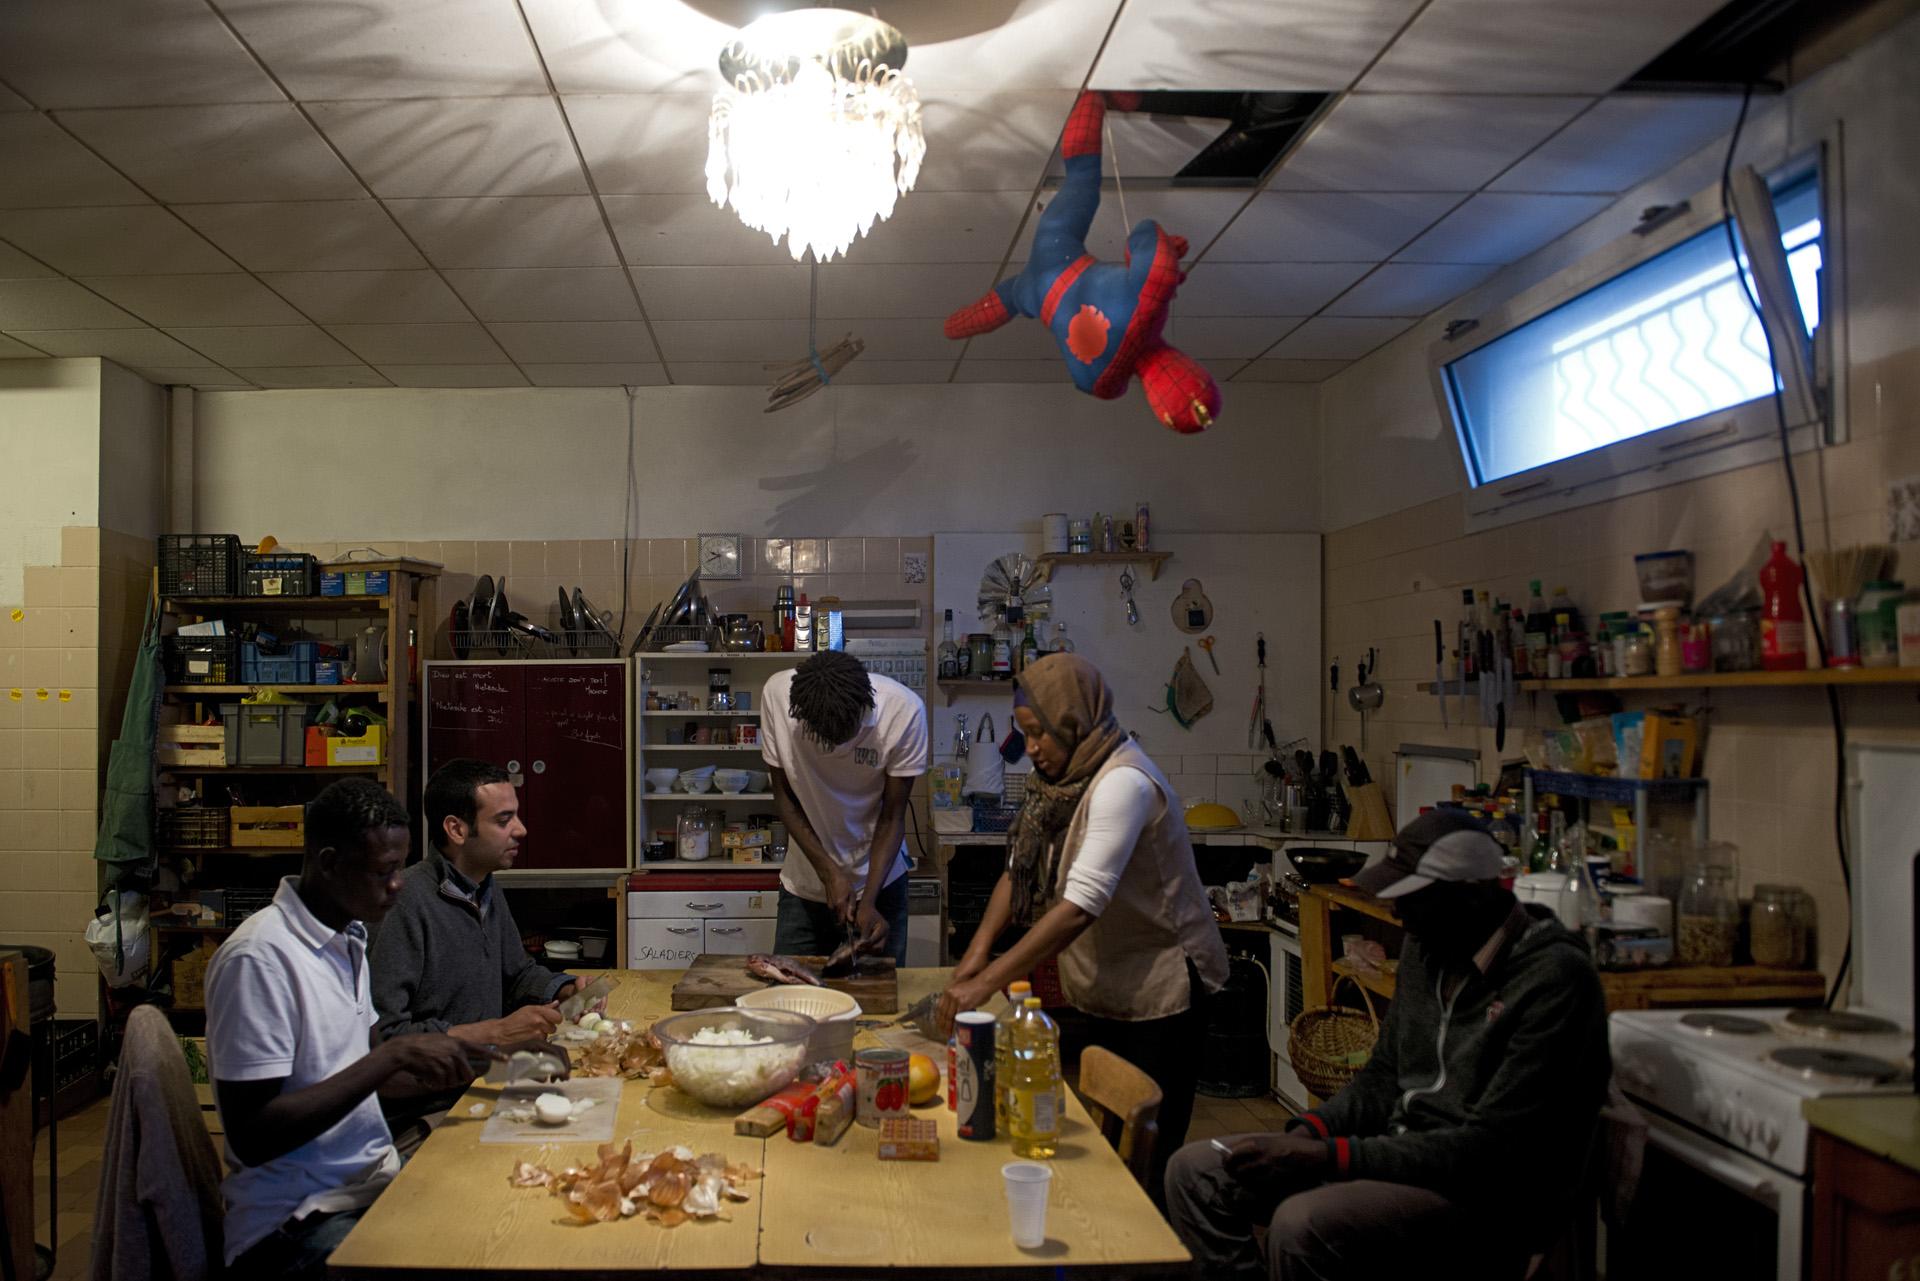 Tous les jours, les soutiens bénévoles accompagnés de migrants cuisinent pour le campement des repas à partir des dons récoltés dans la journée.Paris 18ème, le 12 juillet 2015.